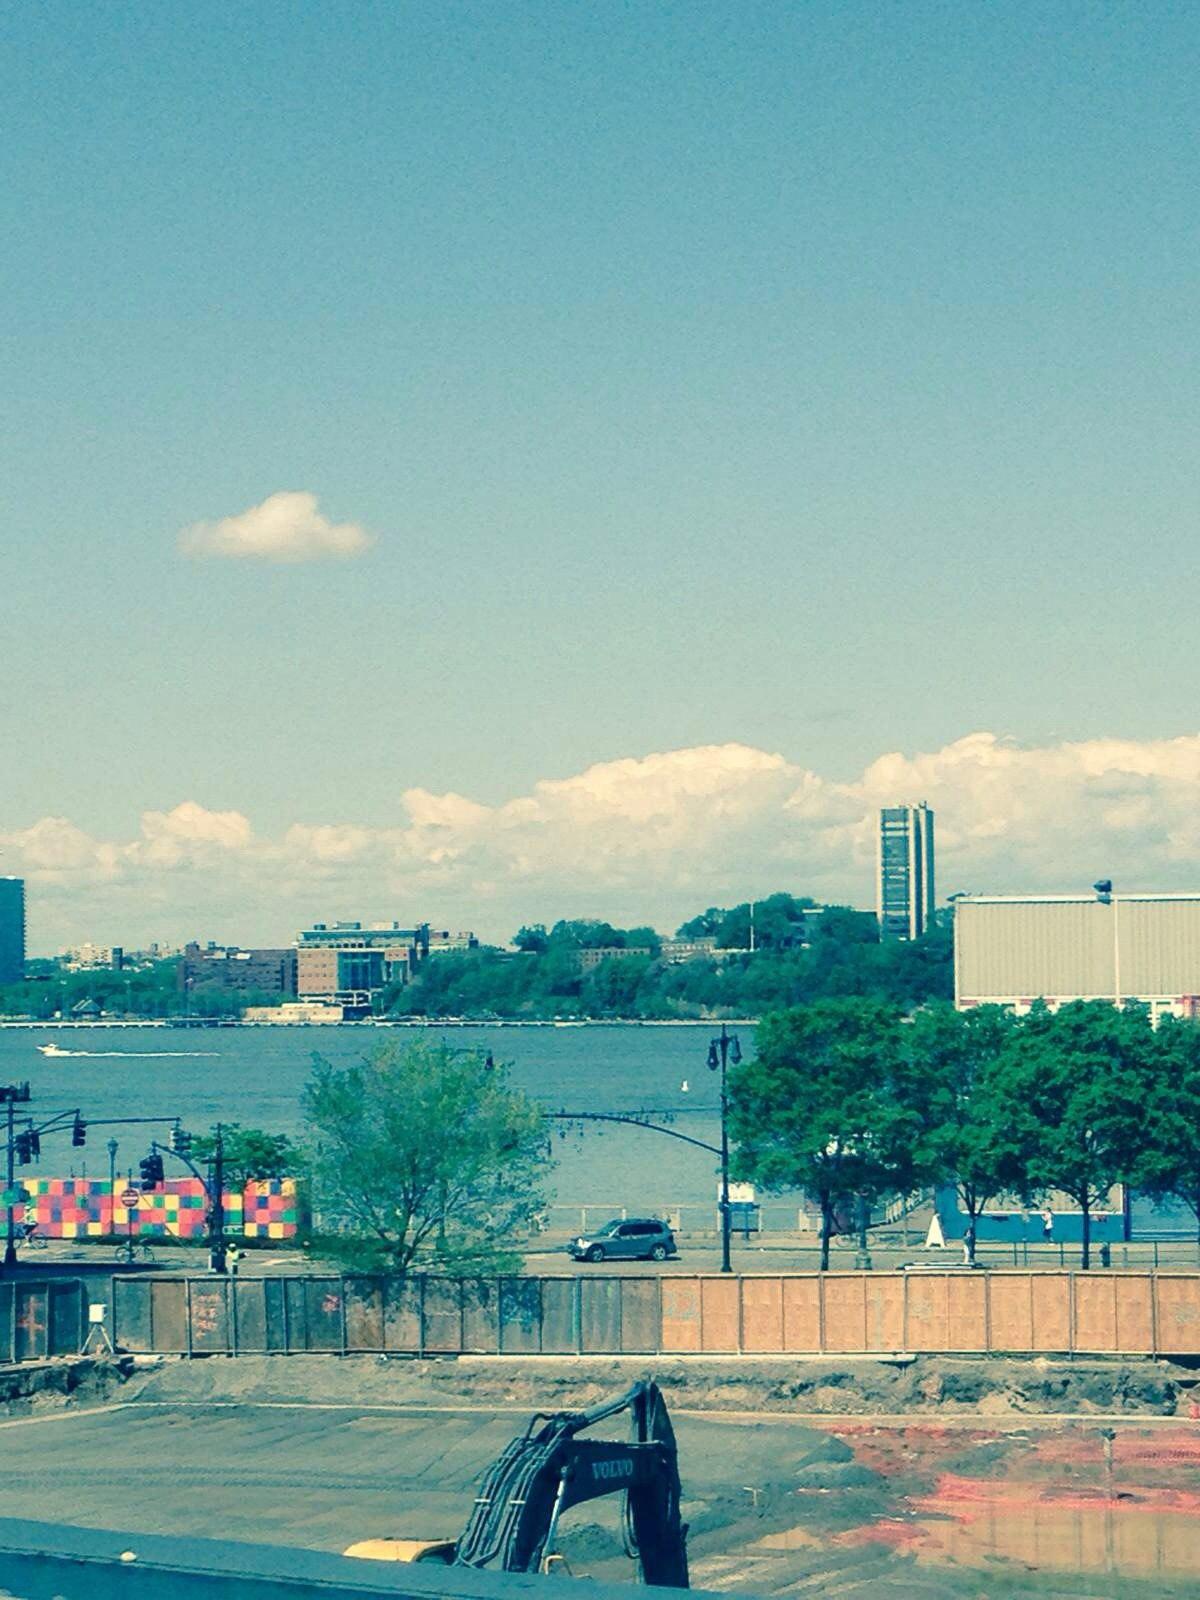 纽约华盛顿dc自助游-纽约攻略攻略【携程游记】v攻略断攻略3钢图片